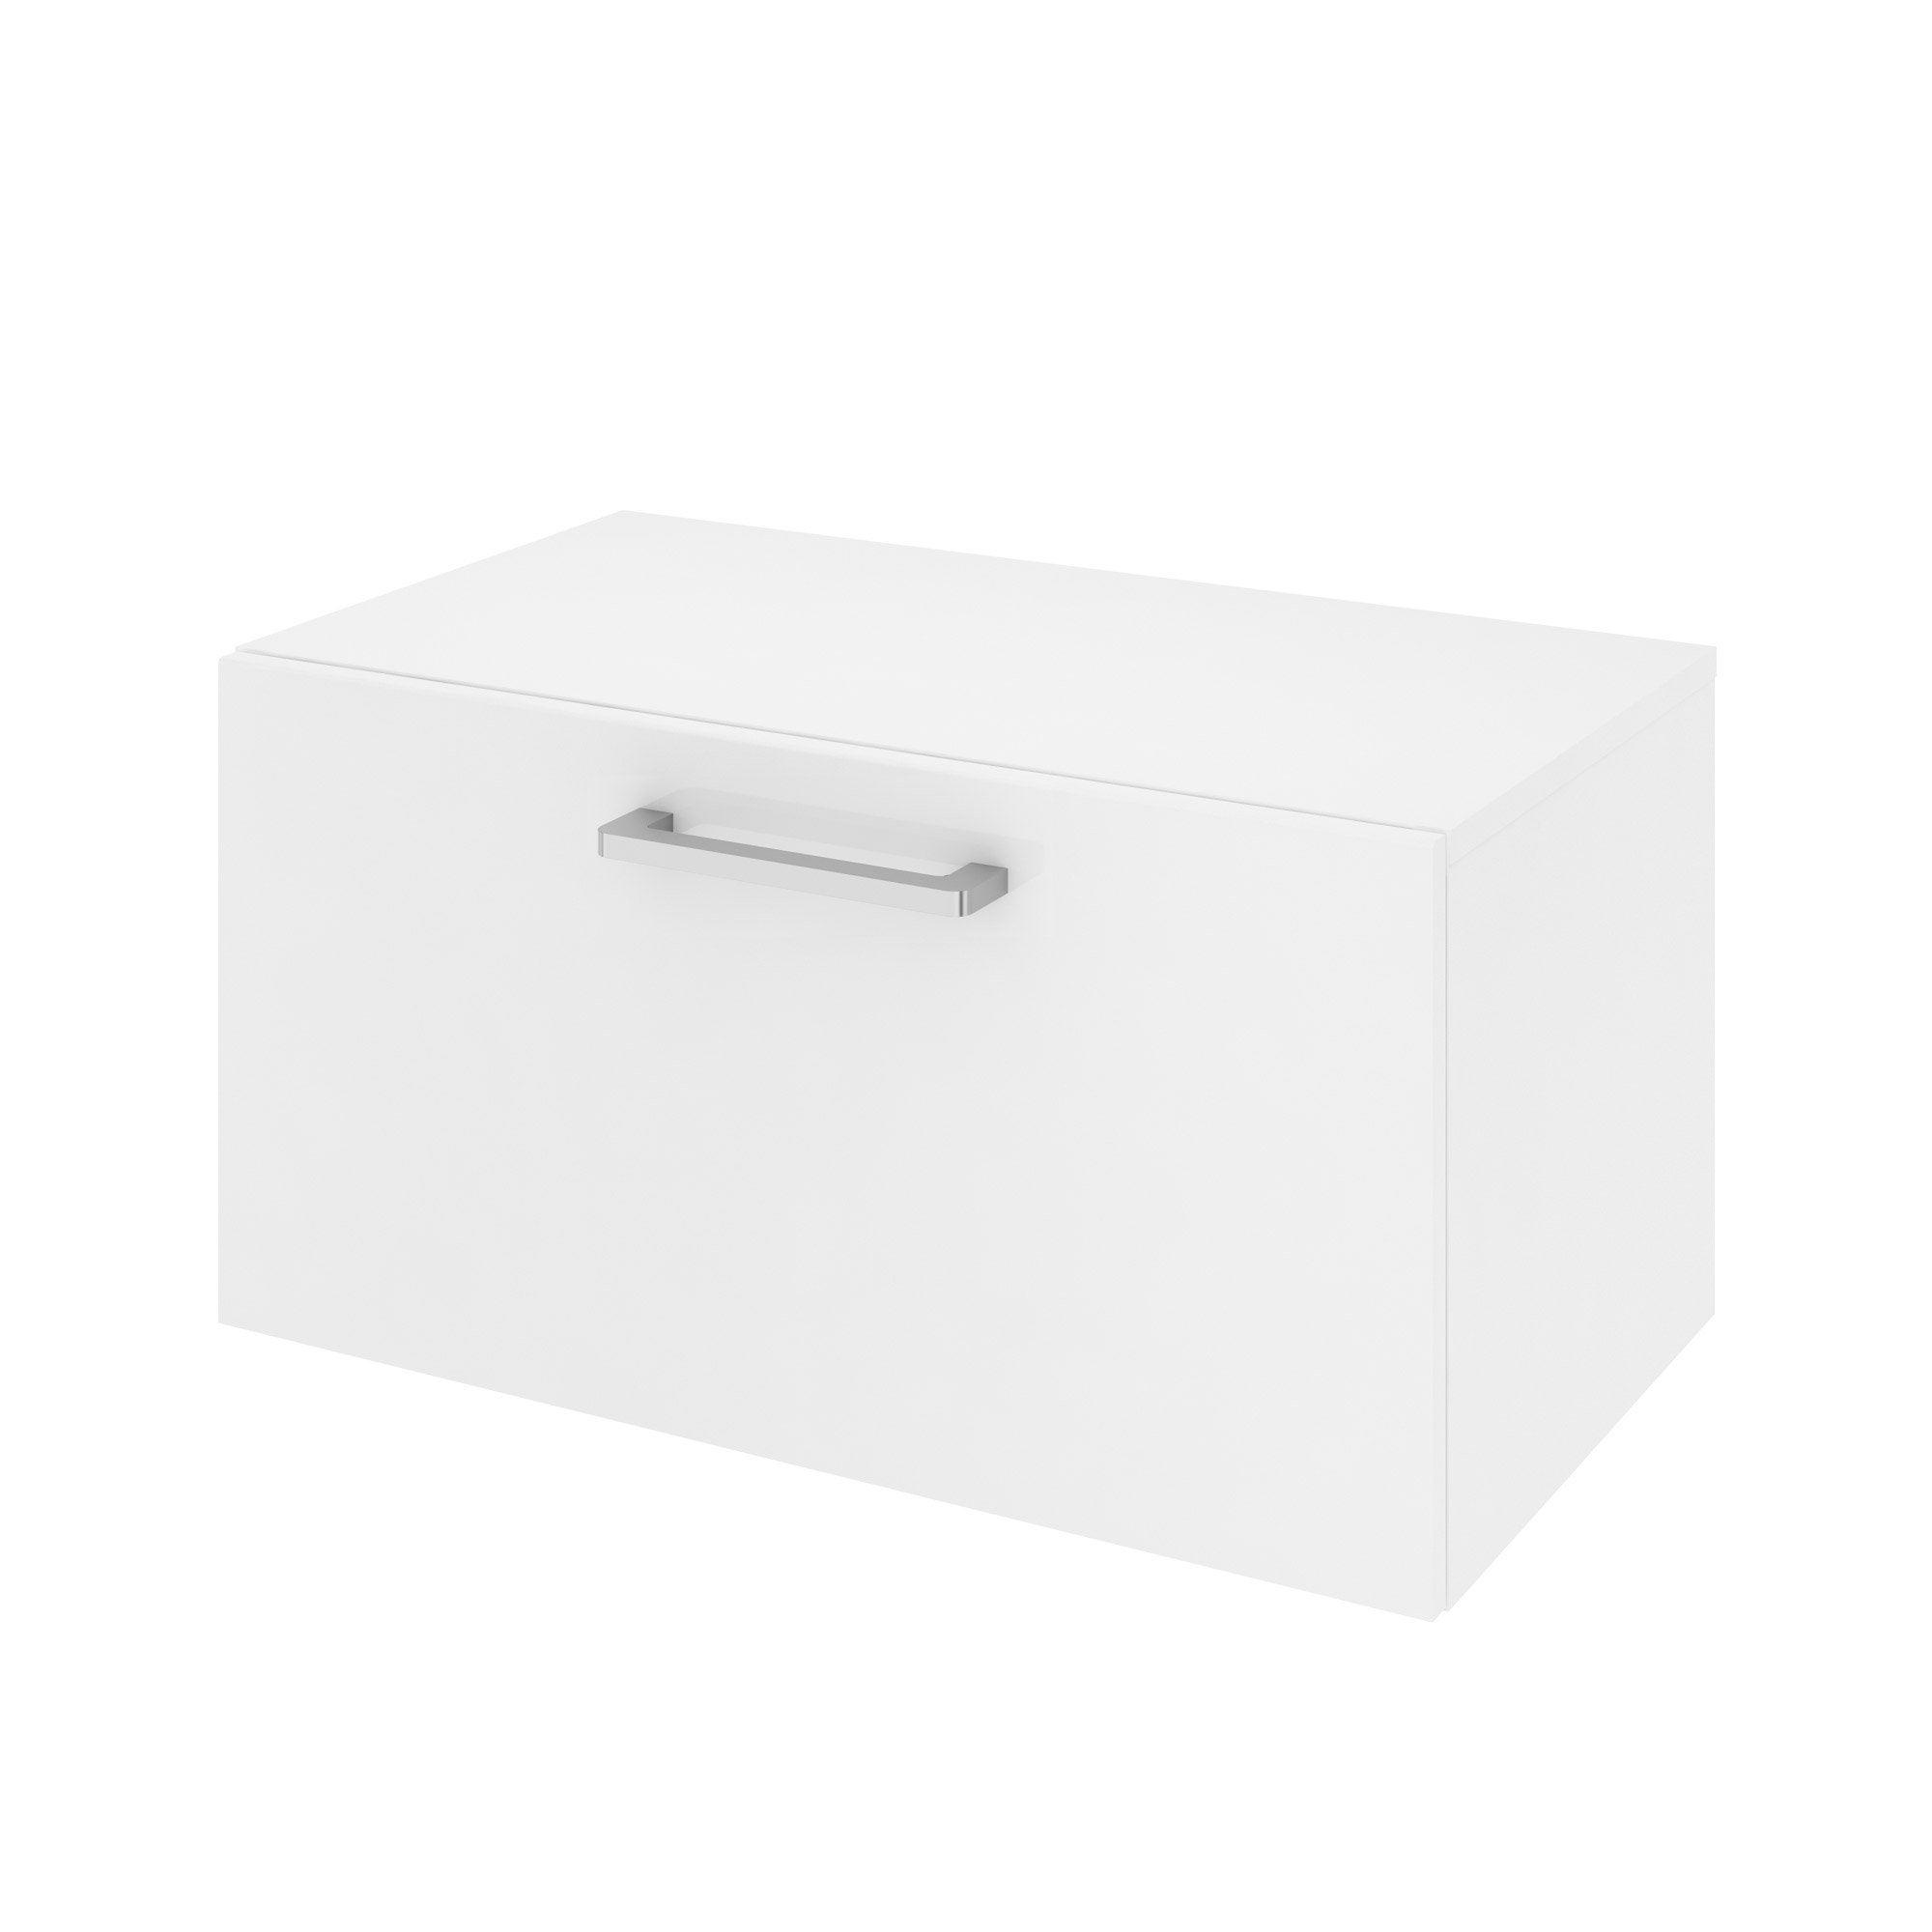 Meuble de salle de bains l.70 x H.35.9 x P.38 cm, blanc, Easy